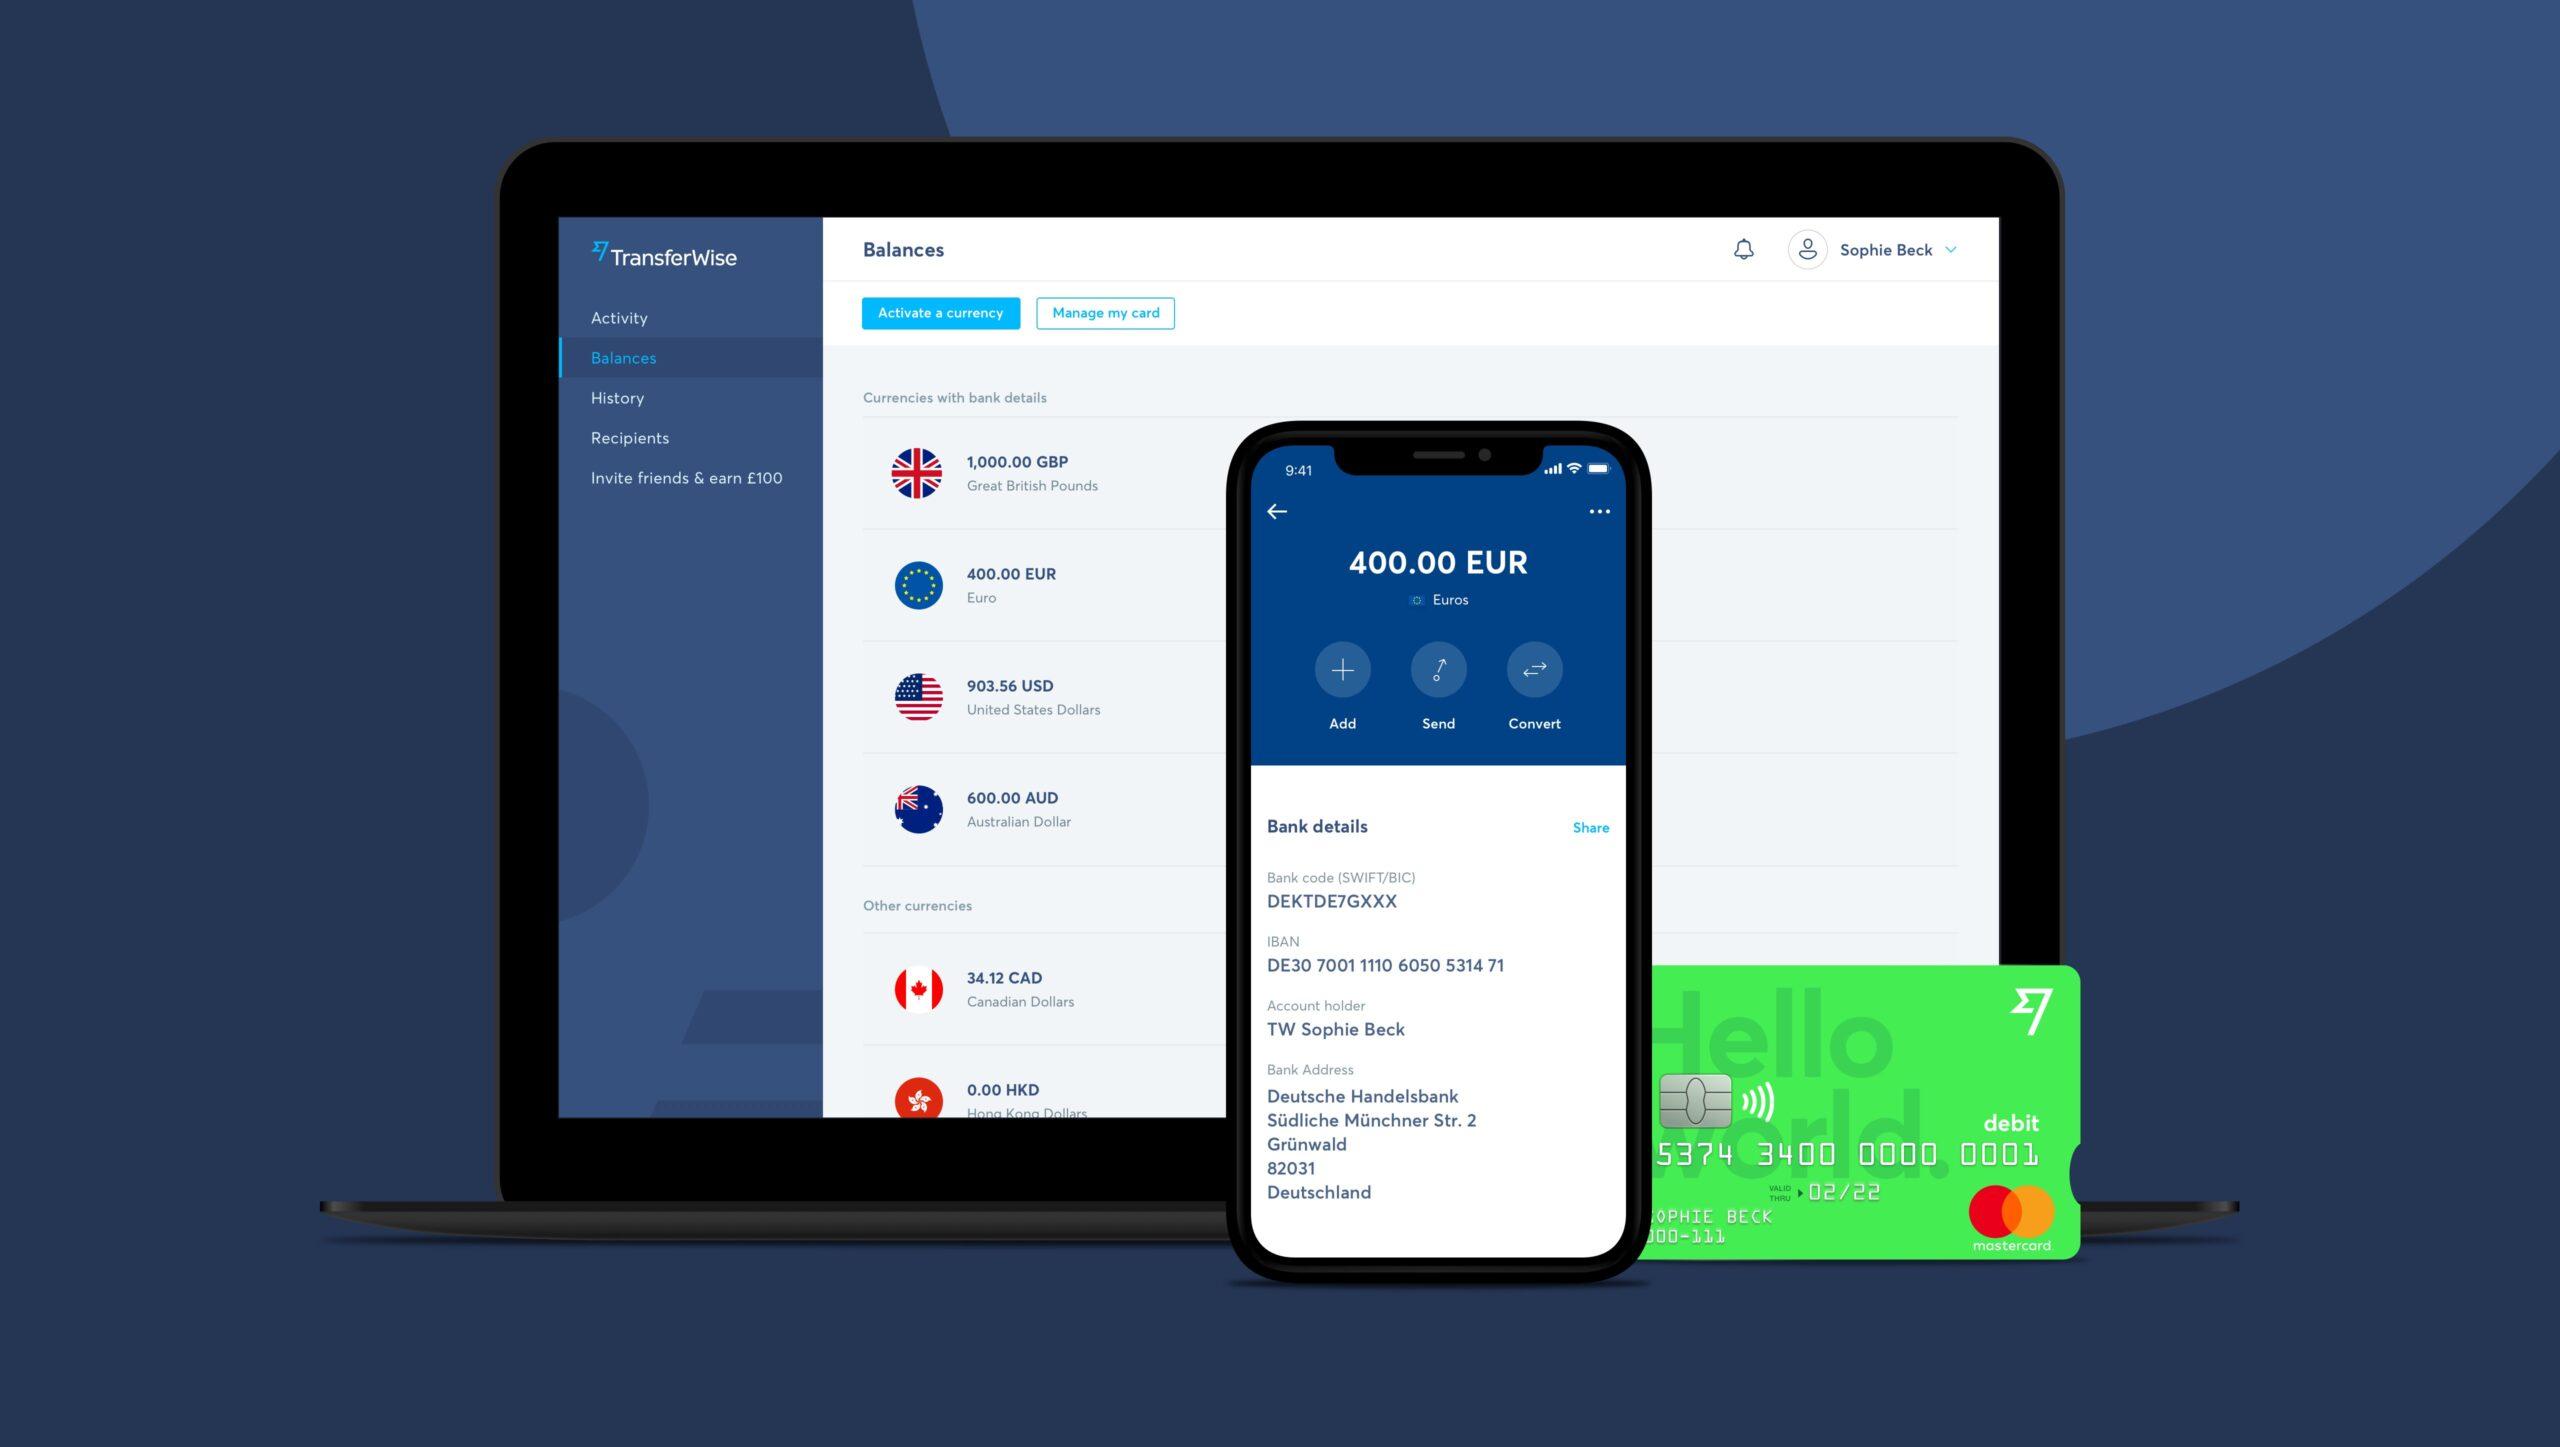 Mit der Debit Mastercard von TransferWise erhalten Kunden weltweit Zugang zu einem Multi-Währungs-Konto und zahlreichen Mobile-Payment-Lösungen im europäischen Wirtschaftsraum